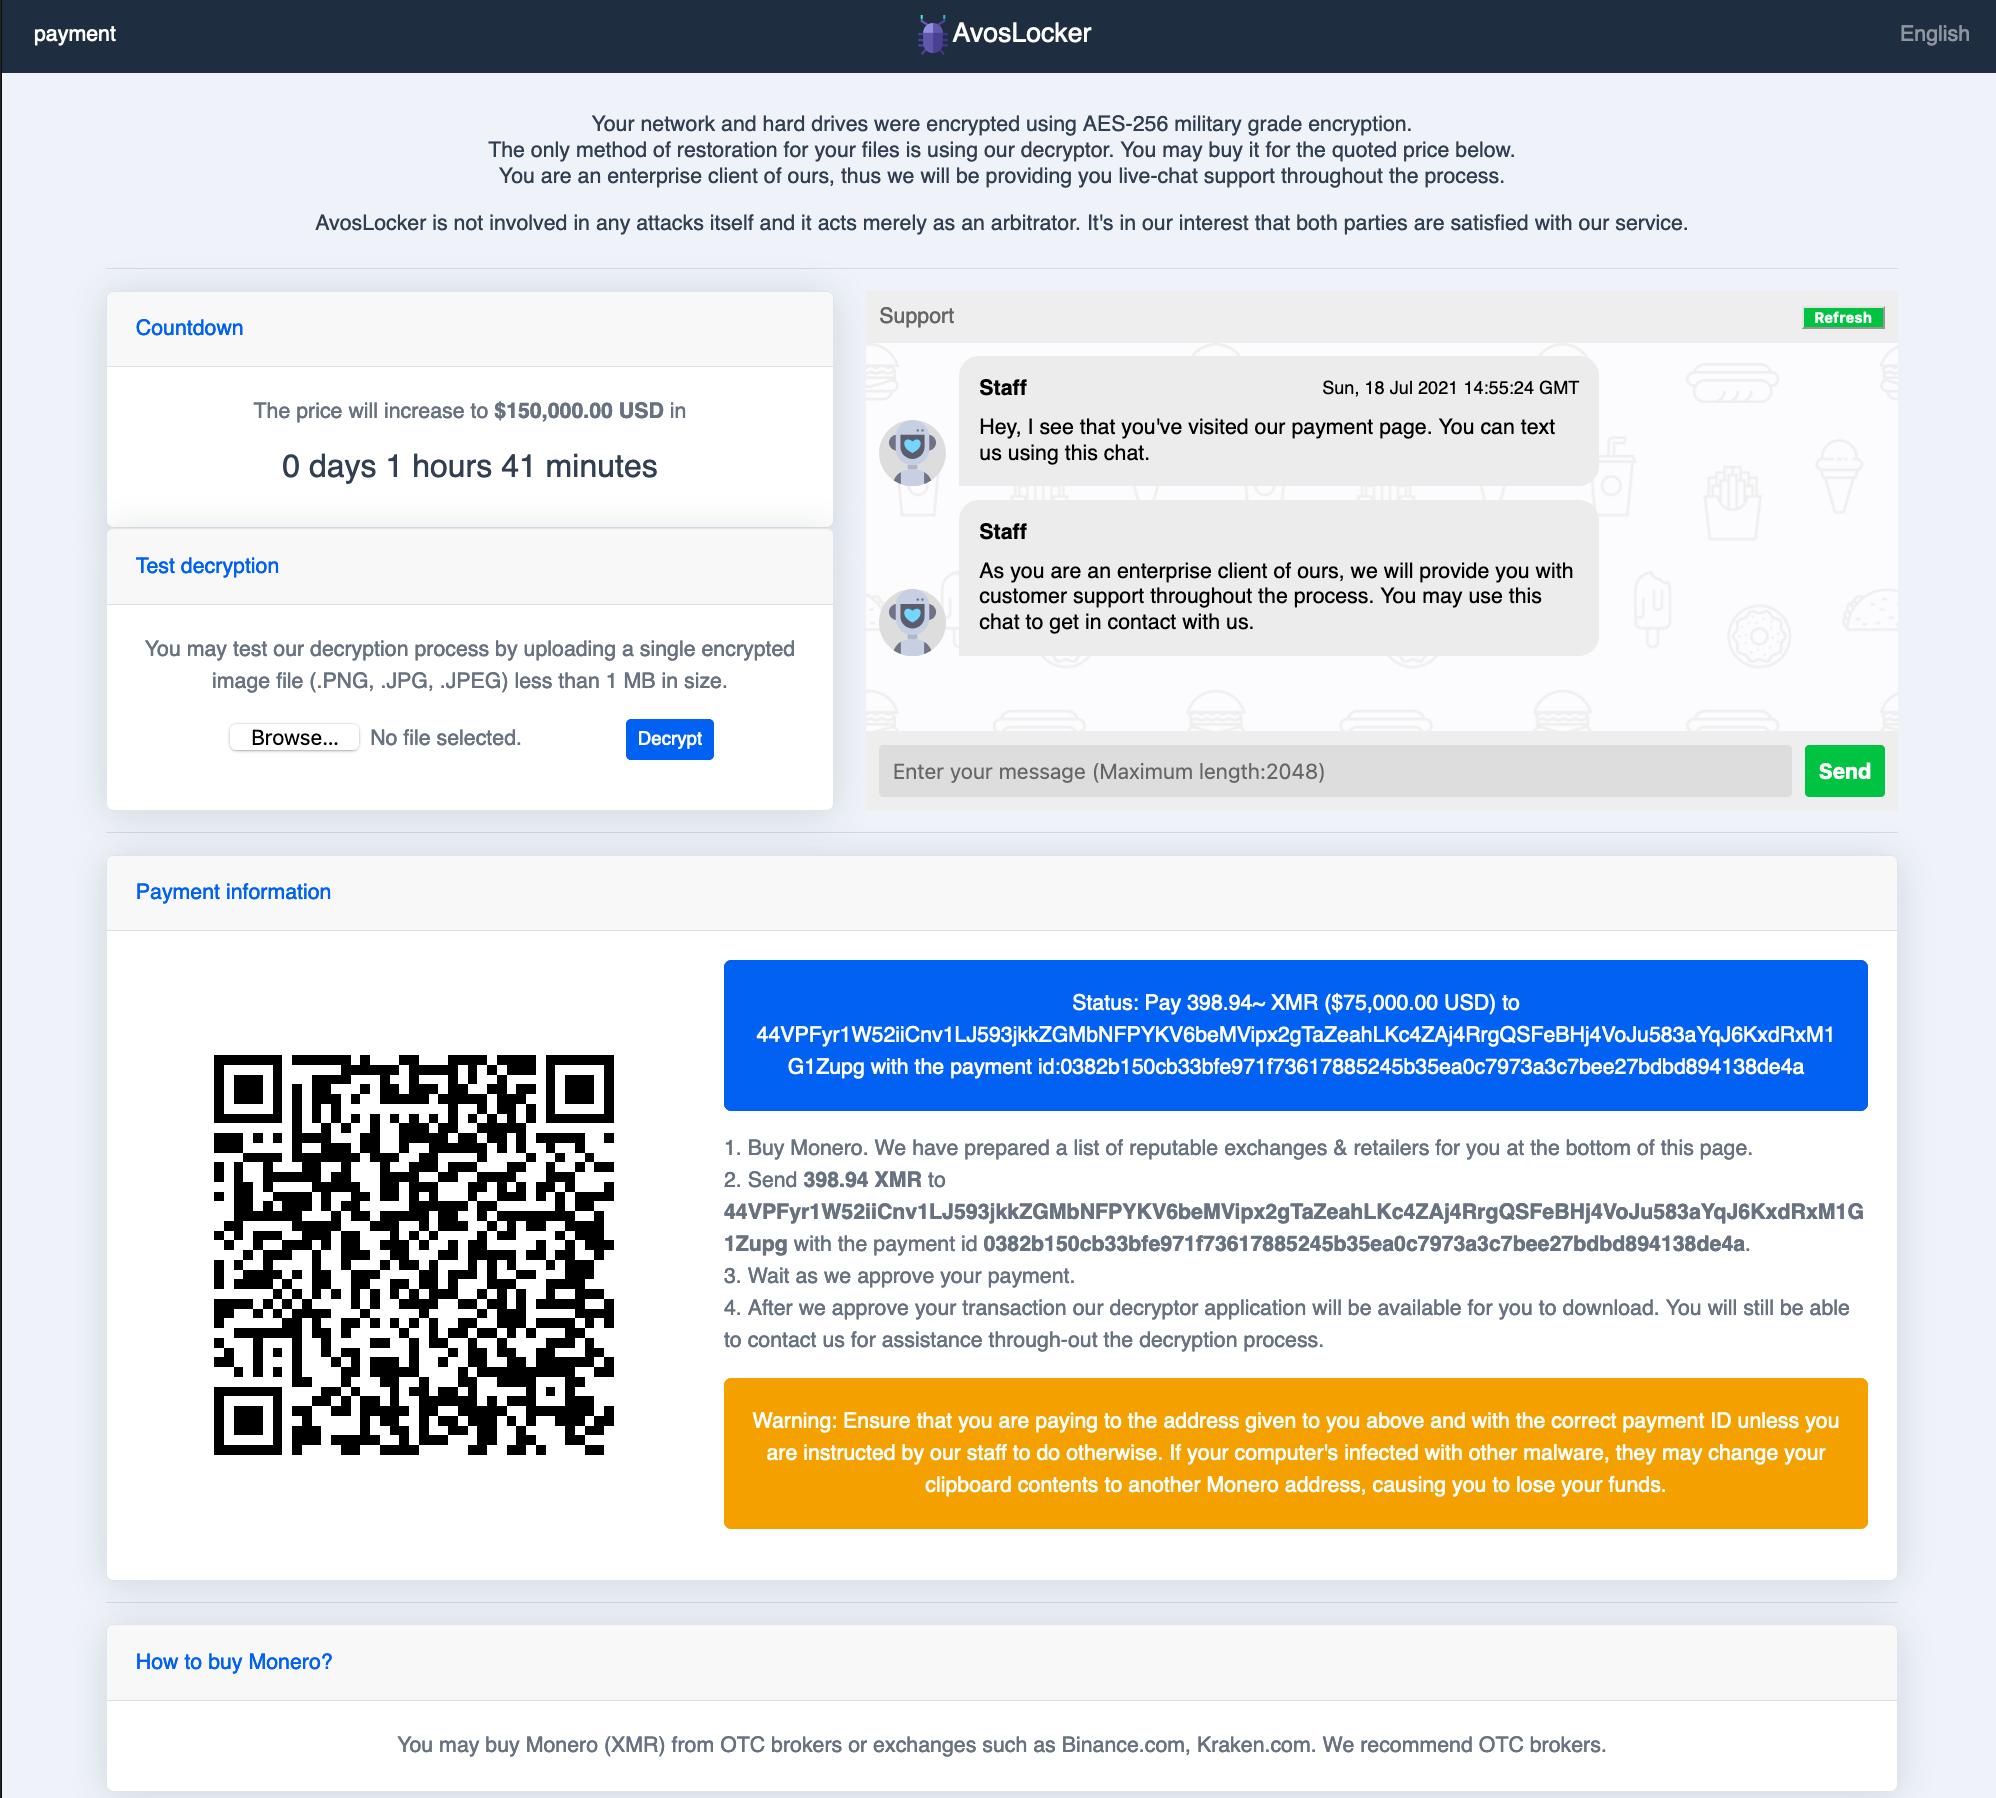 ここに表示されているAvosLockerのサポートページにはランサムウェアに関する情報と、AvosLockerは攻撃に関与せず、代わりに仲裁者としての役割を果たしているという主張が掲載されています。また、カウントダウン、テスト復号ウィジェット、サポートスタッフとのチャットの機会、支払い方法の情報なども提供しています。